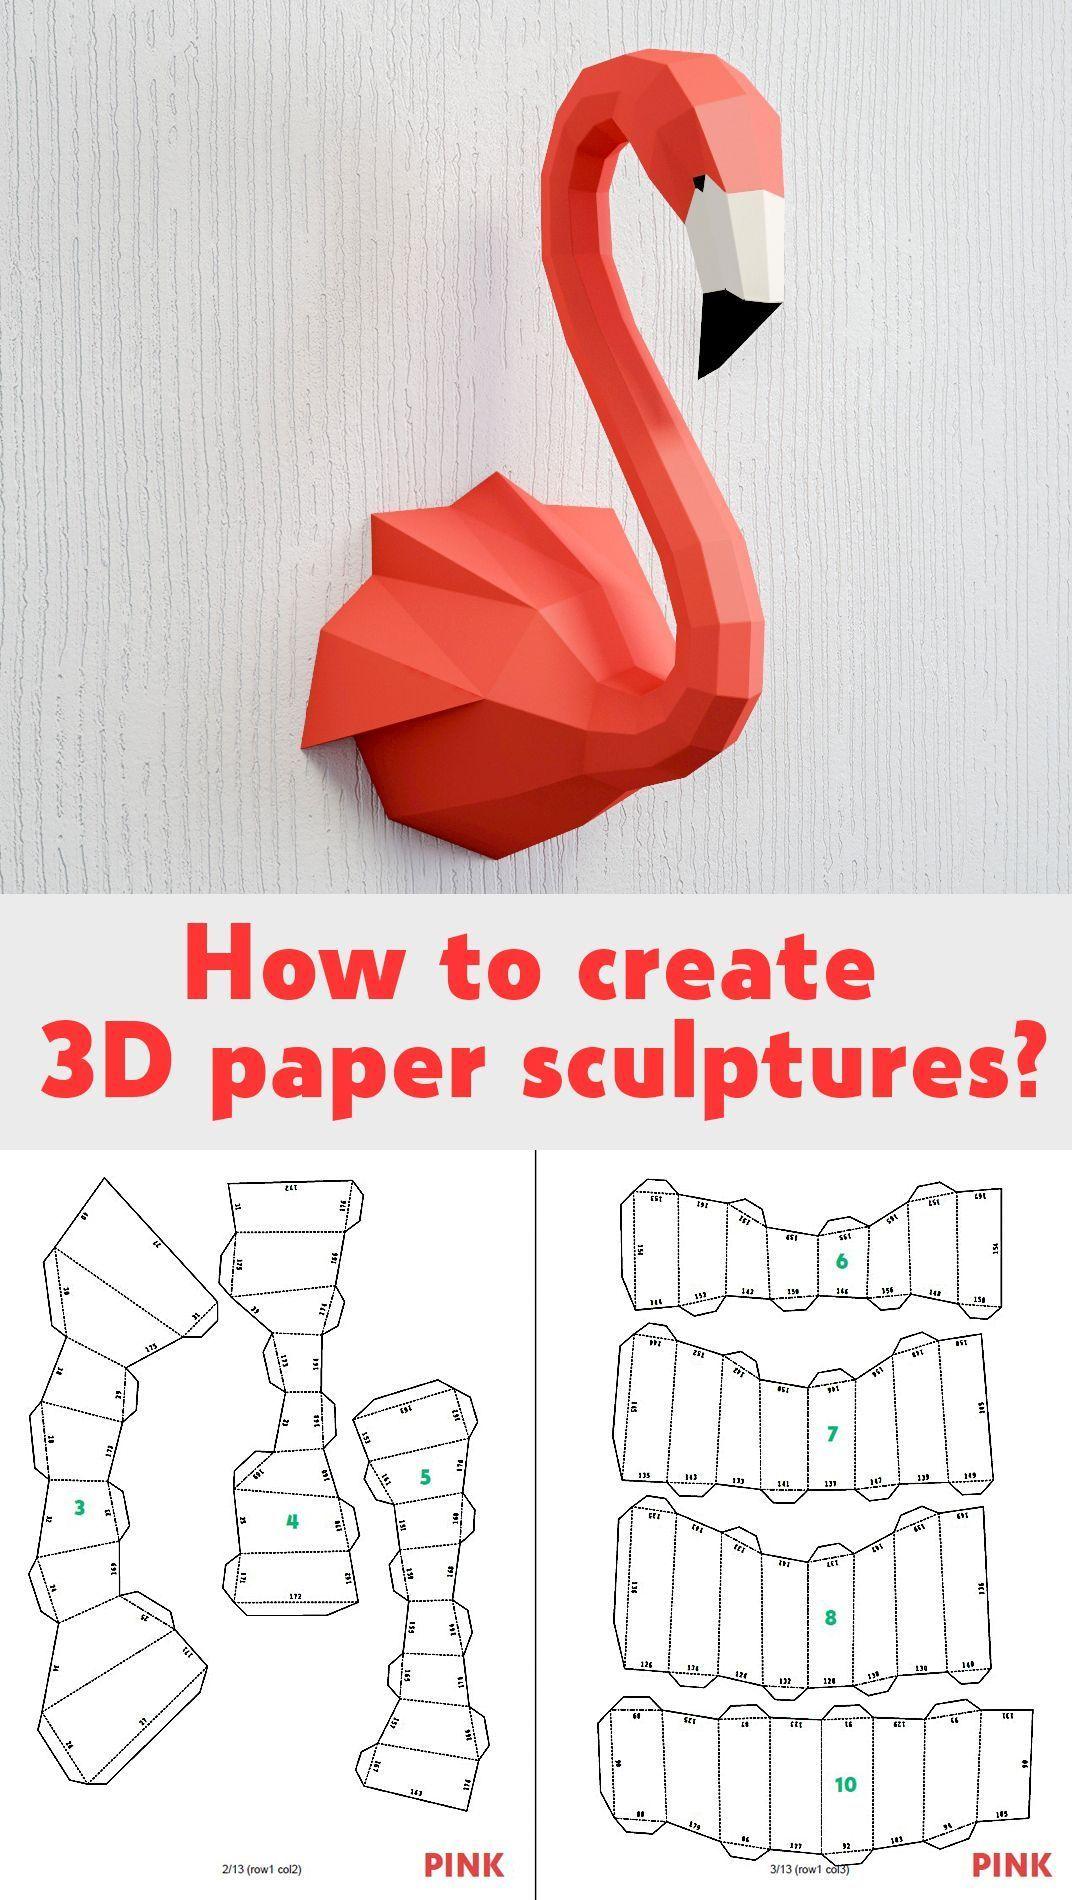 Basteln Mit Papier Vorlagen Zum Ausdrucken Wunderschonen Einzigartig Fur Origami Anleitung Drache Planen Papier Handwerk Basteln Mit Papier Vorlagen Diy Papier